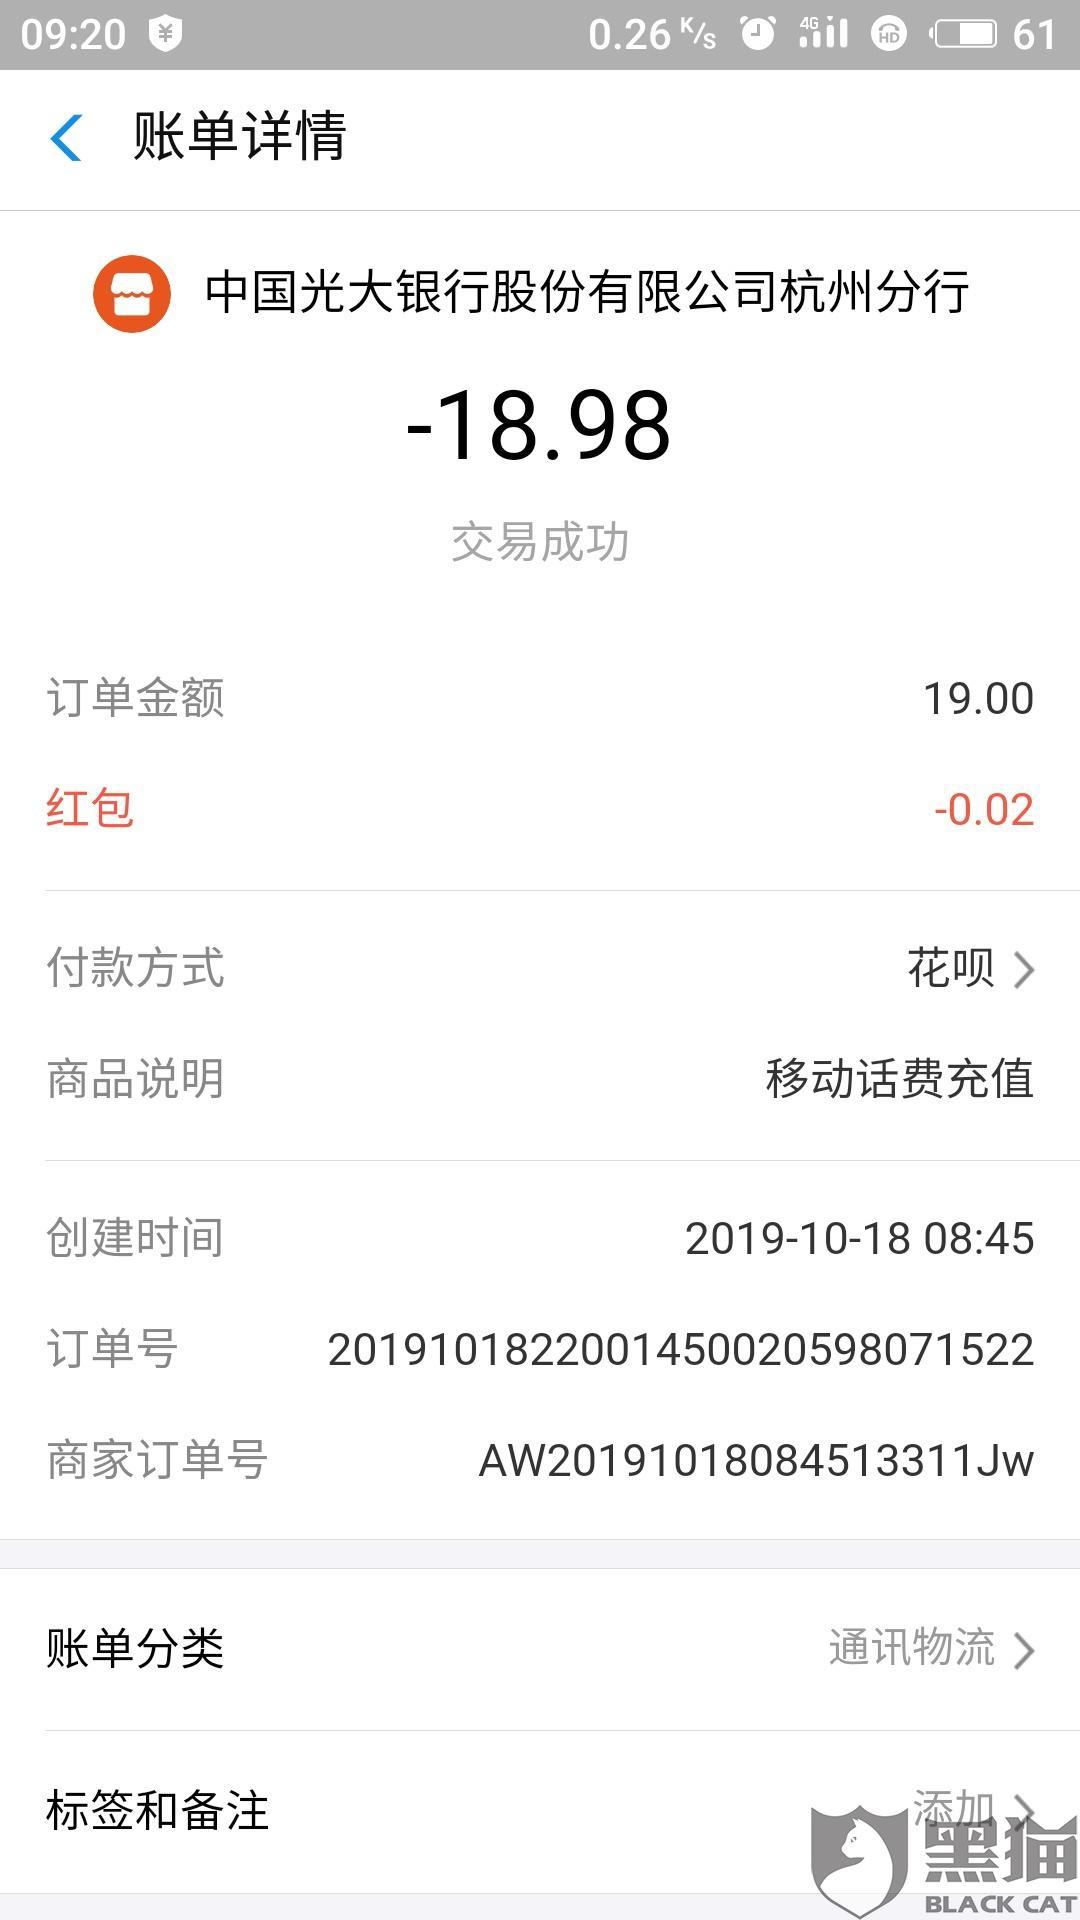 黑猫投诉:通过中国光大银行云缴费app充值话费交易失败,却不退款。